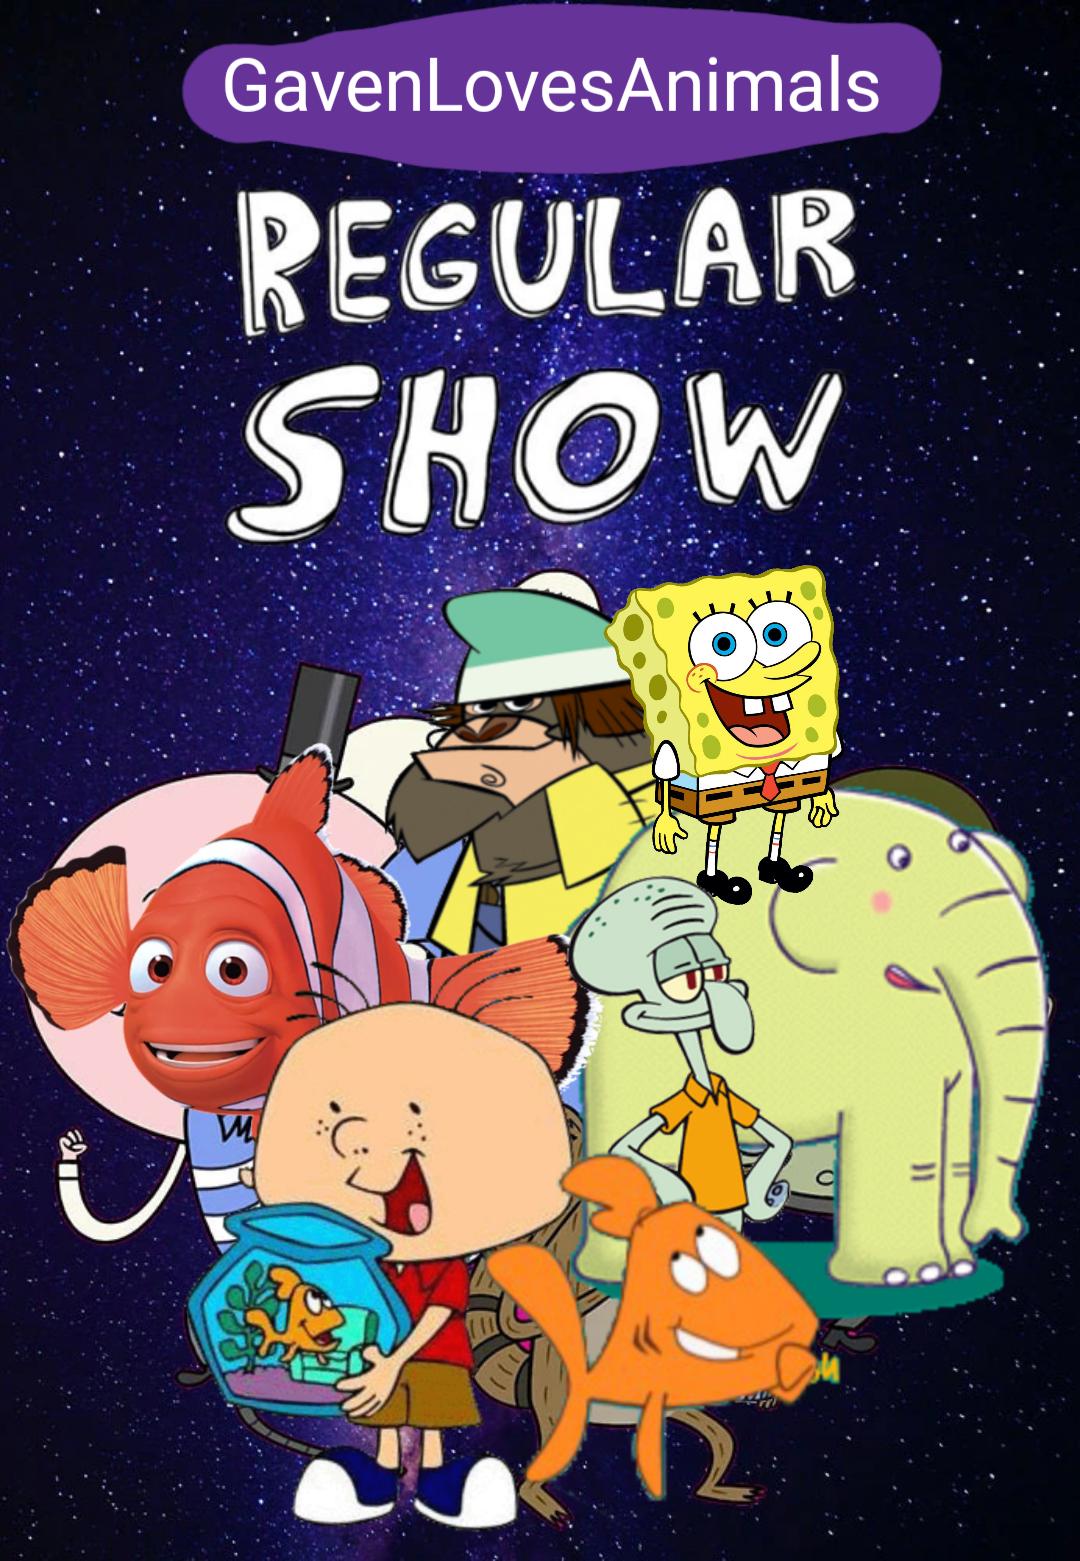 Regular Show (GavenLovesAnimals Style)